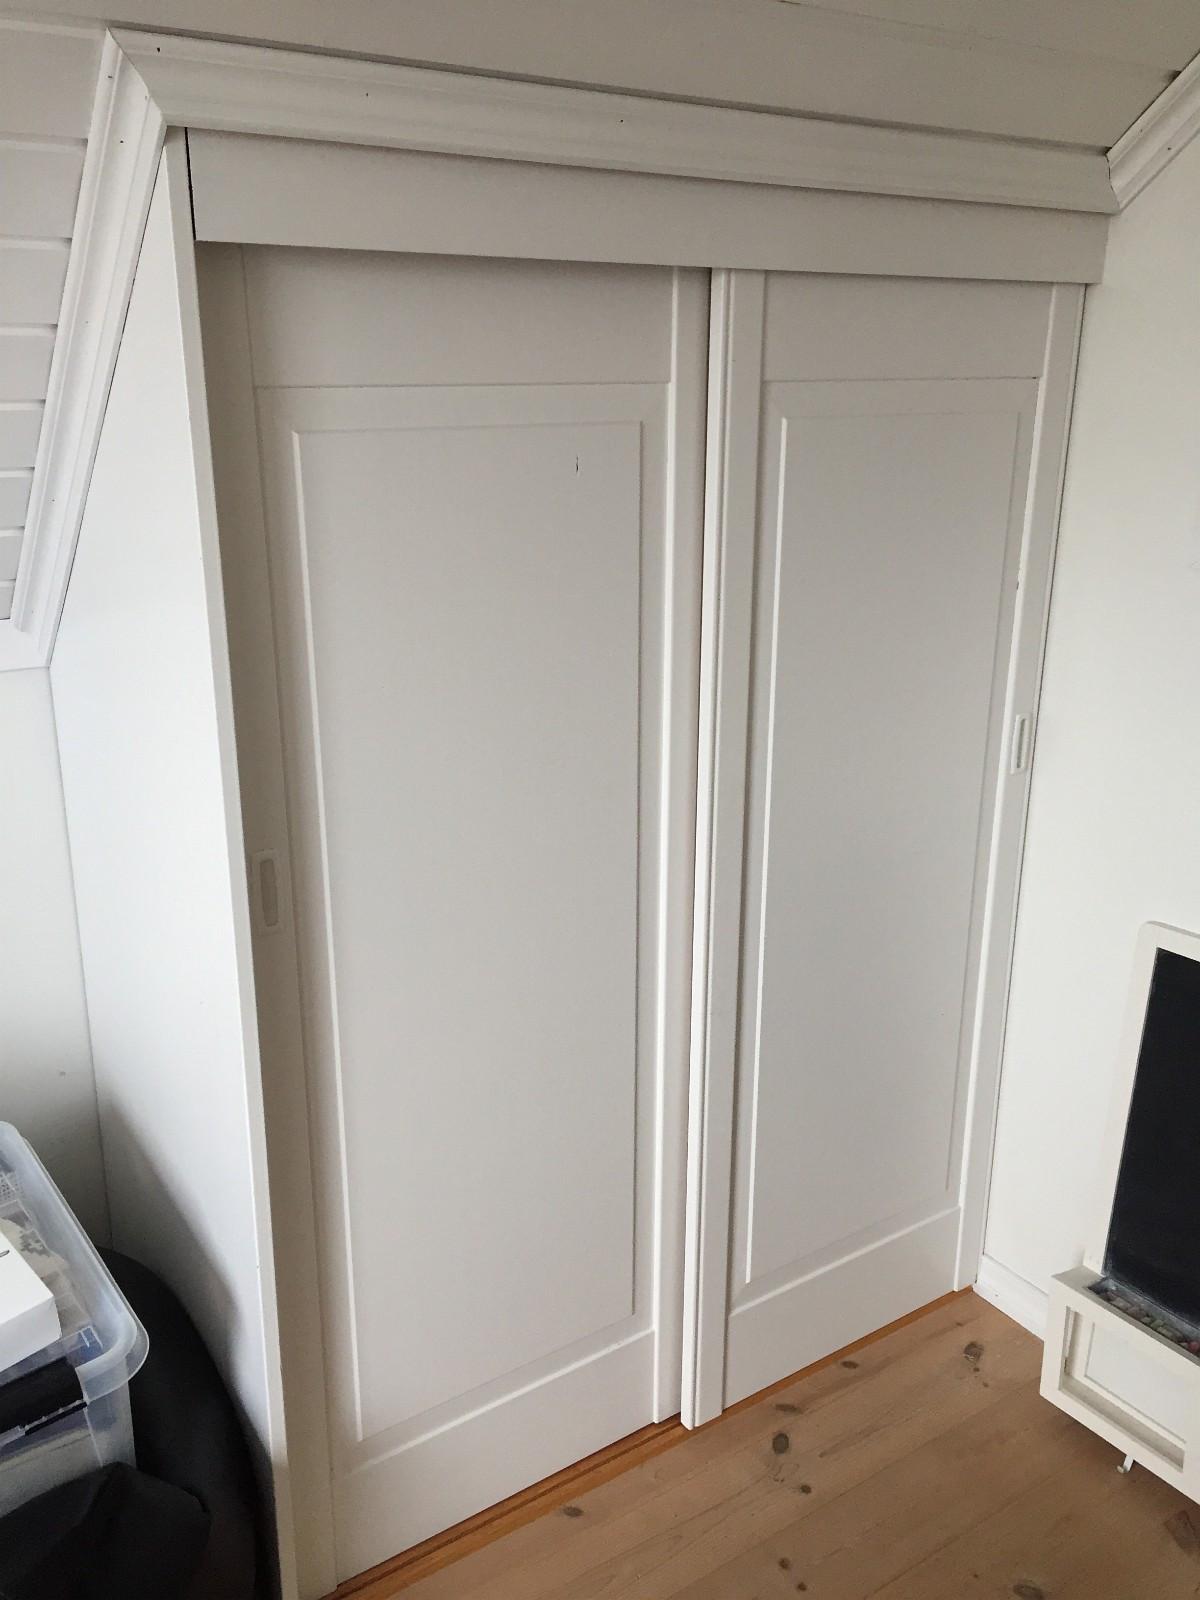 Garderobeskap - Stathelle  - Skapdører, hylle og vegger som er hvitmalt - Stathelle